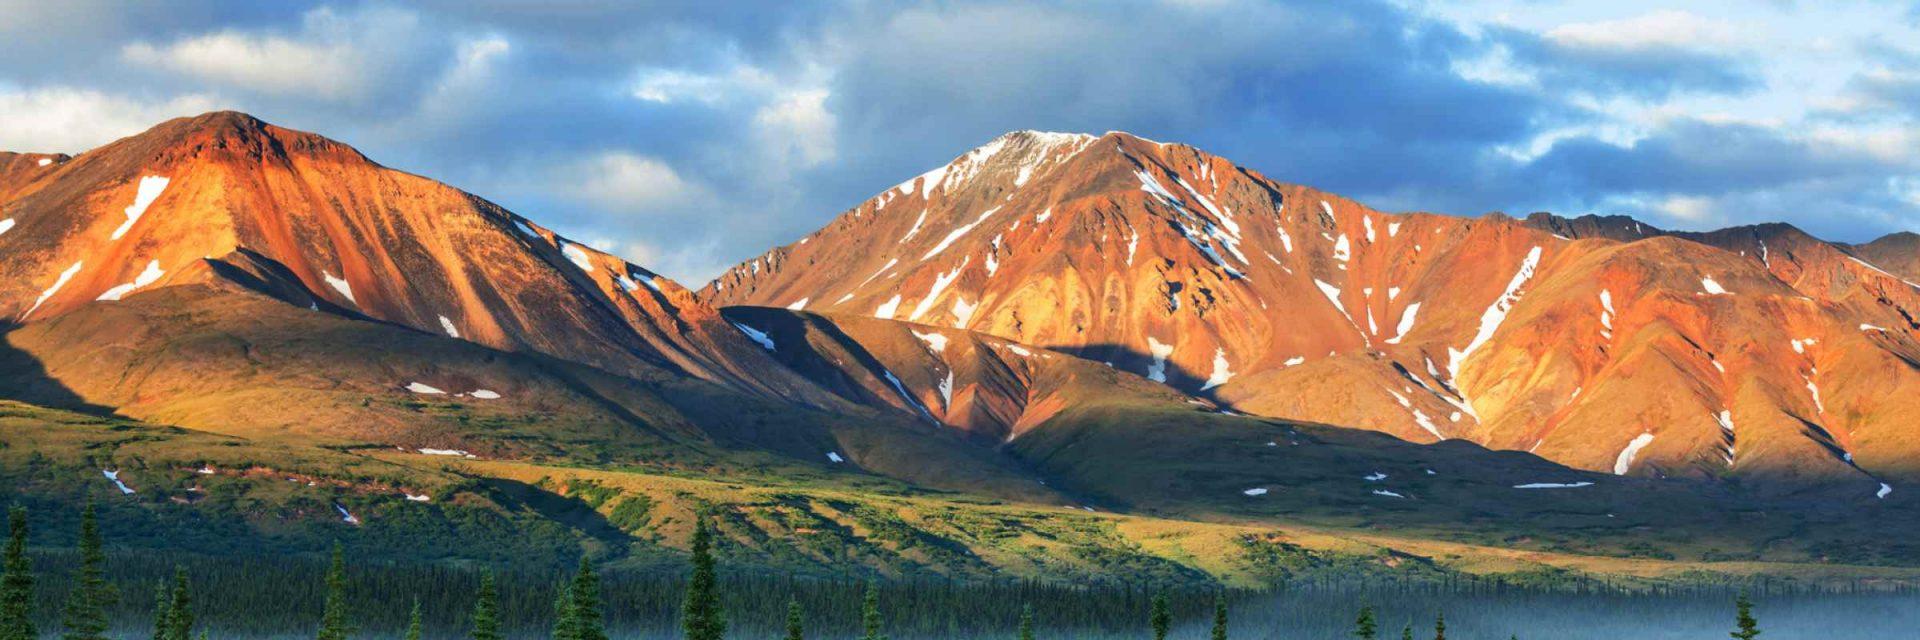 Сокровище Аляски — недельный тур 2022 год